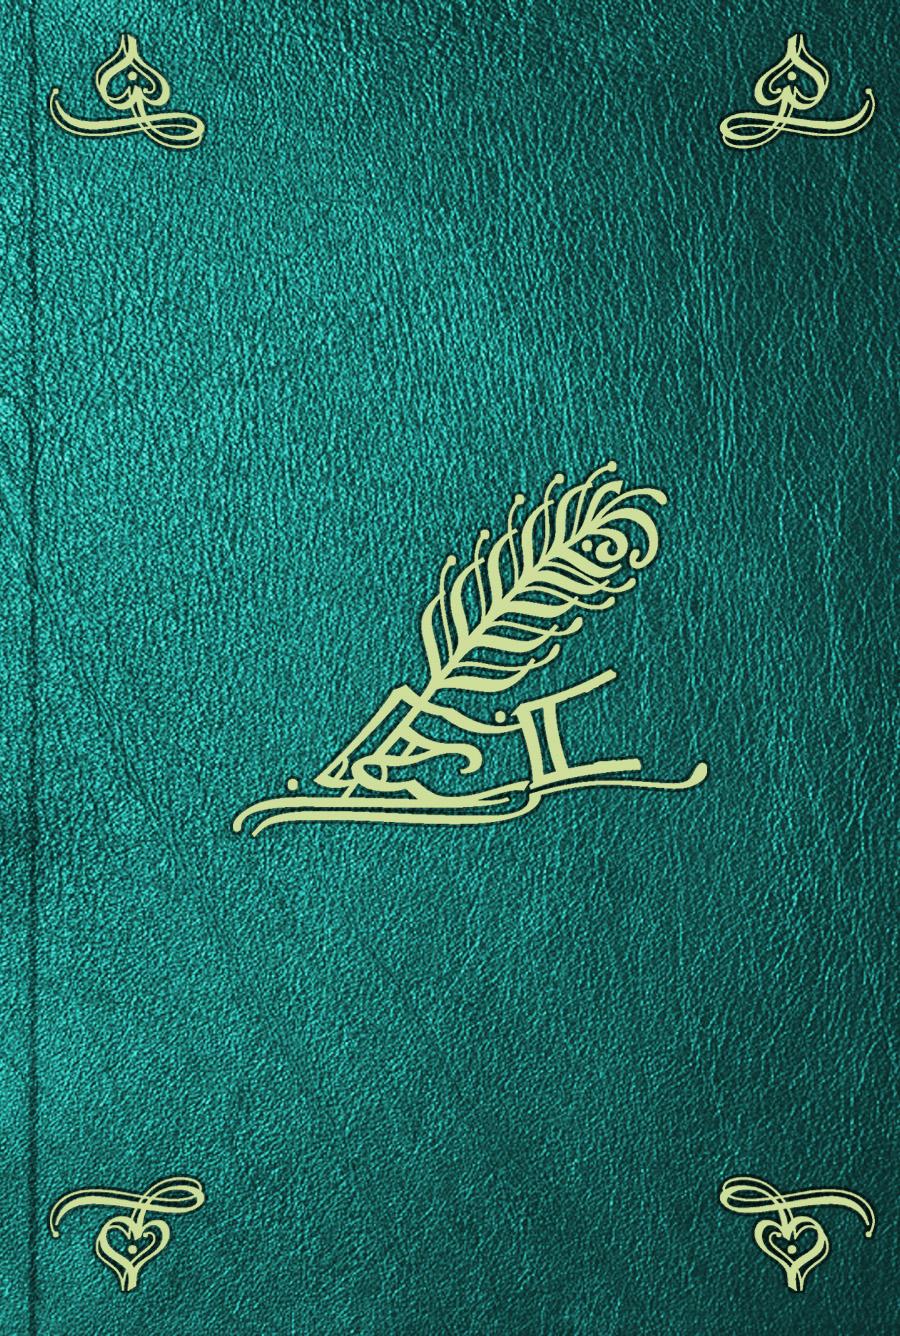 Elisa von der Recke Tagebuch einer Reise durch einen Theil Deutschlands und durch Italien in den Jahren 1804 bis 1806. Bd. 1 mendelssohn bartholdy felix briefe aus den jahren 1830 bis 1847